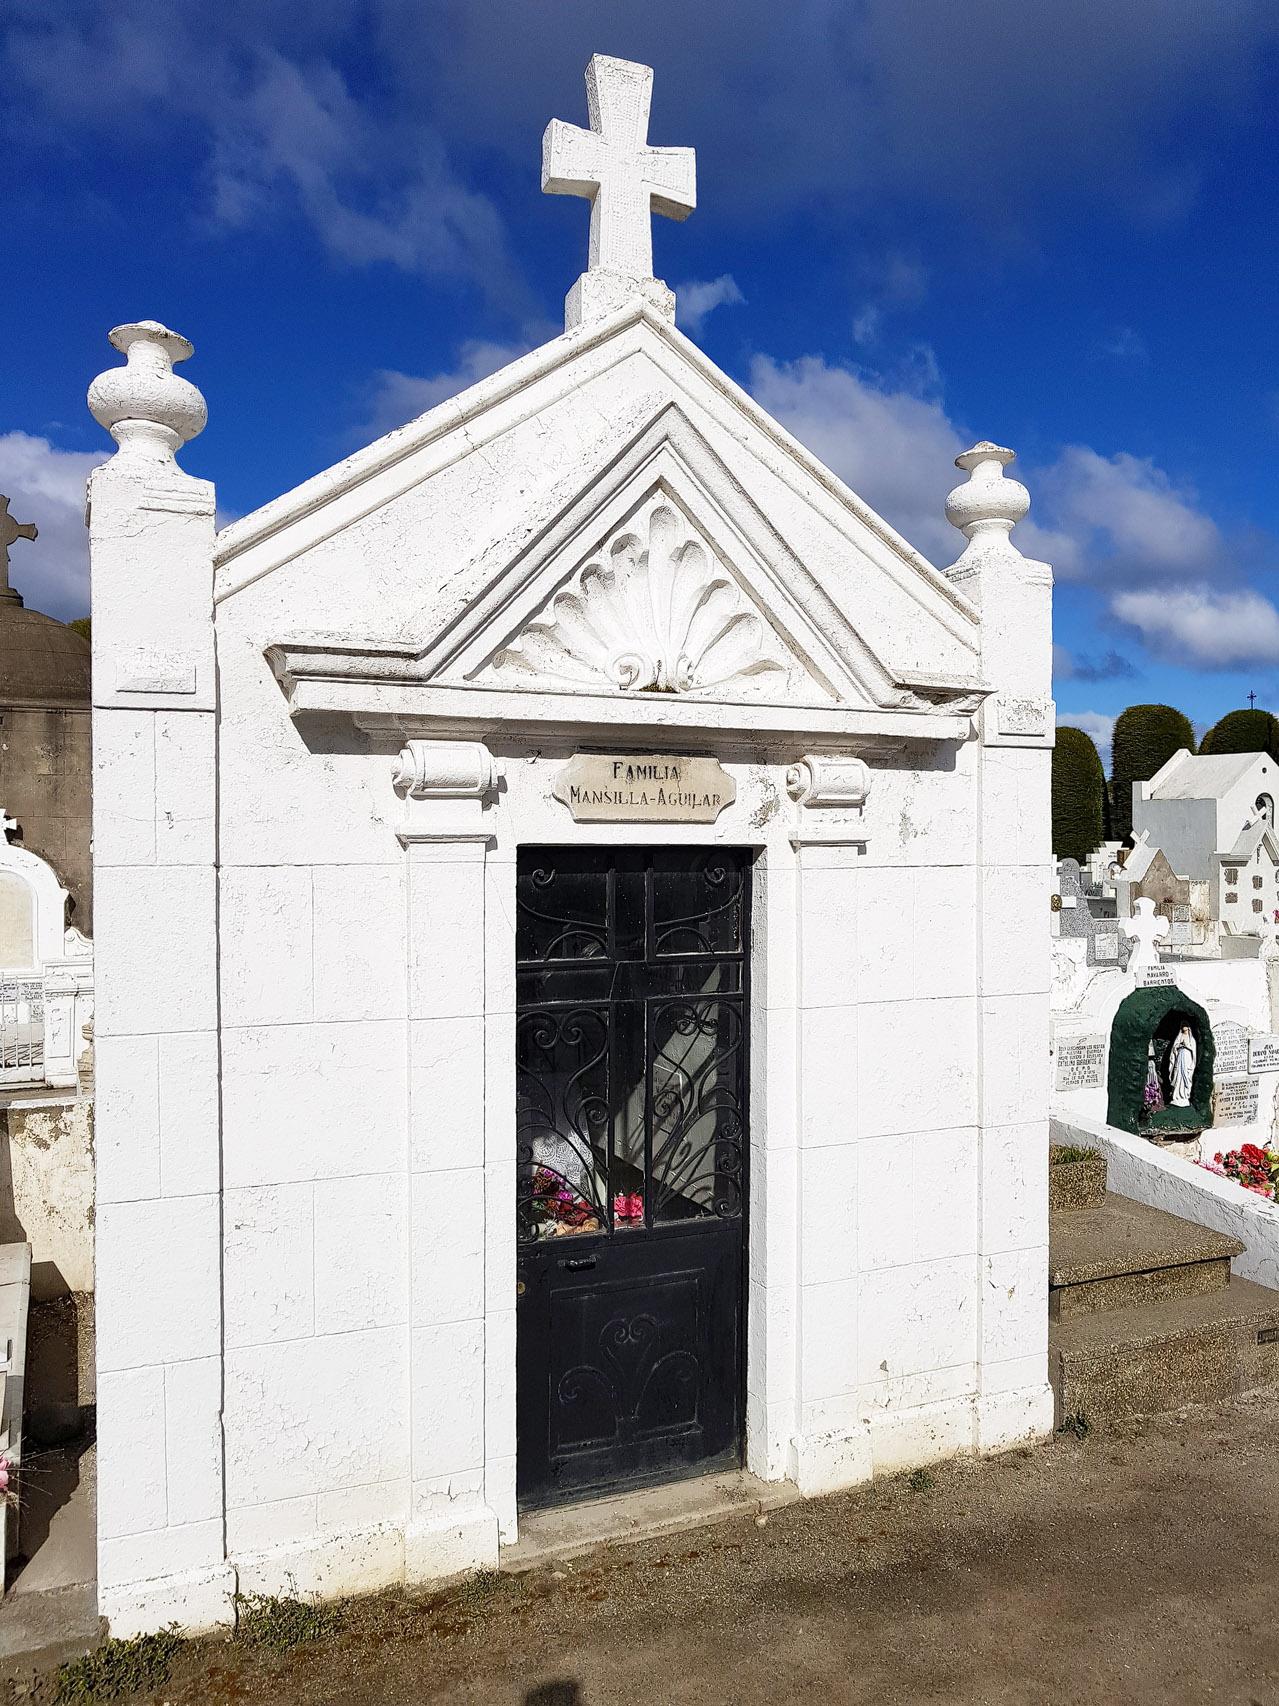 Friedhof in Punta Arenas, laut CNN einer der schönsten Friedhöfe der Welt